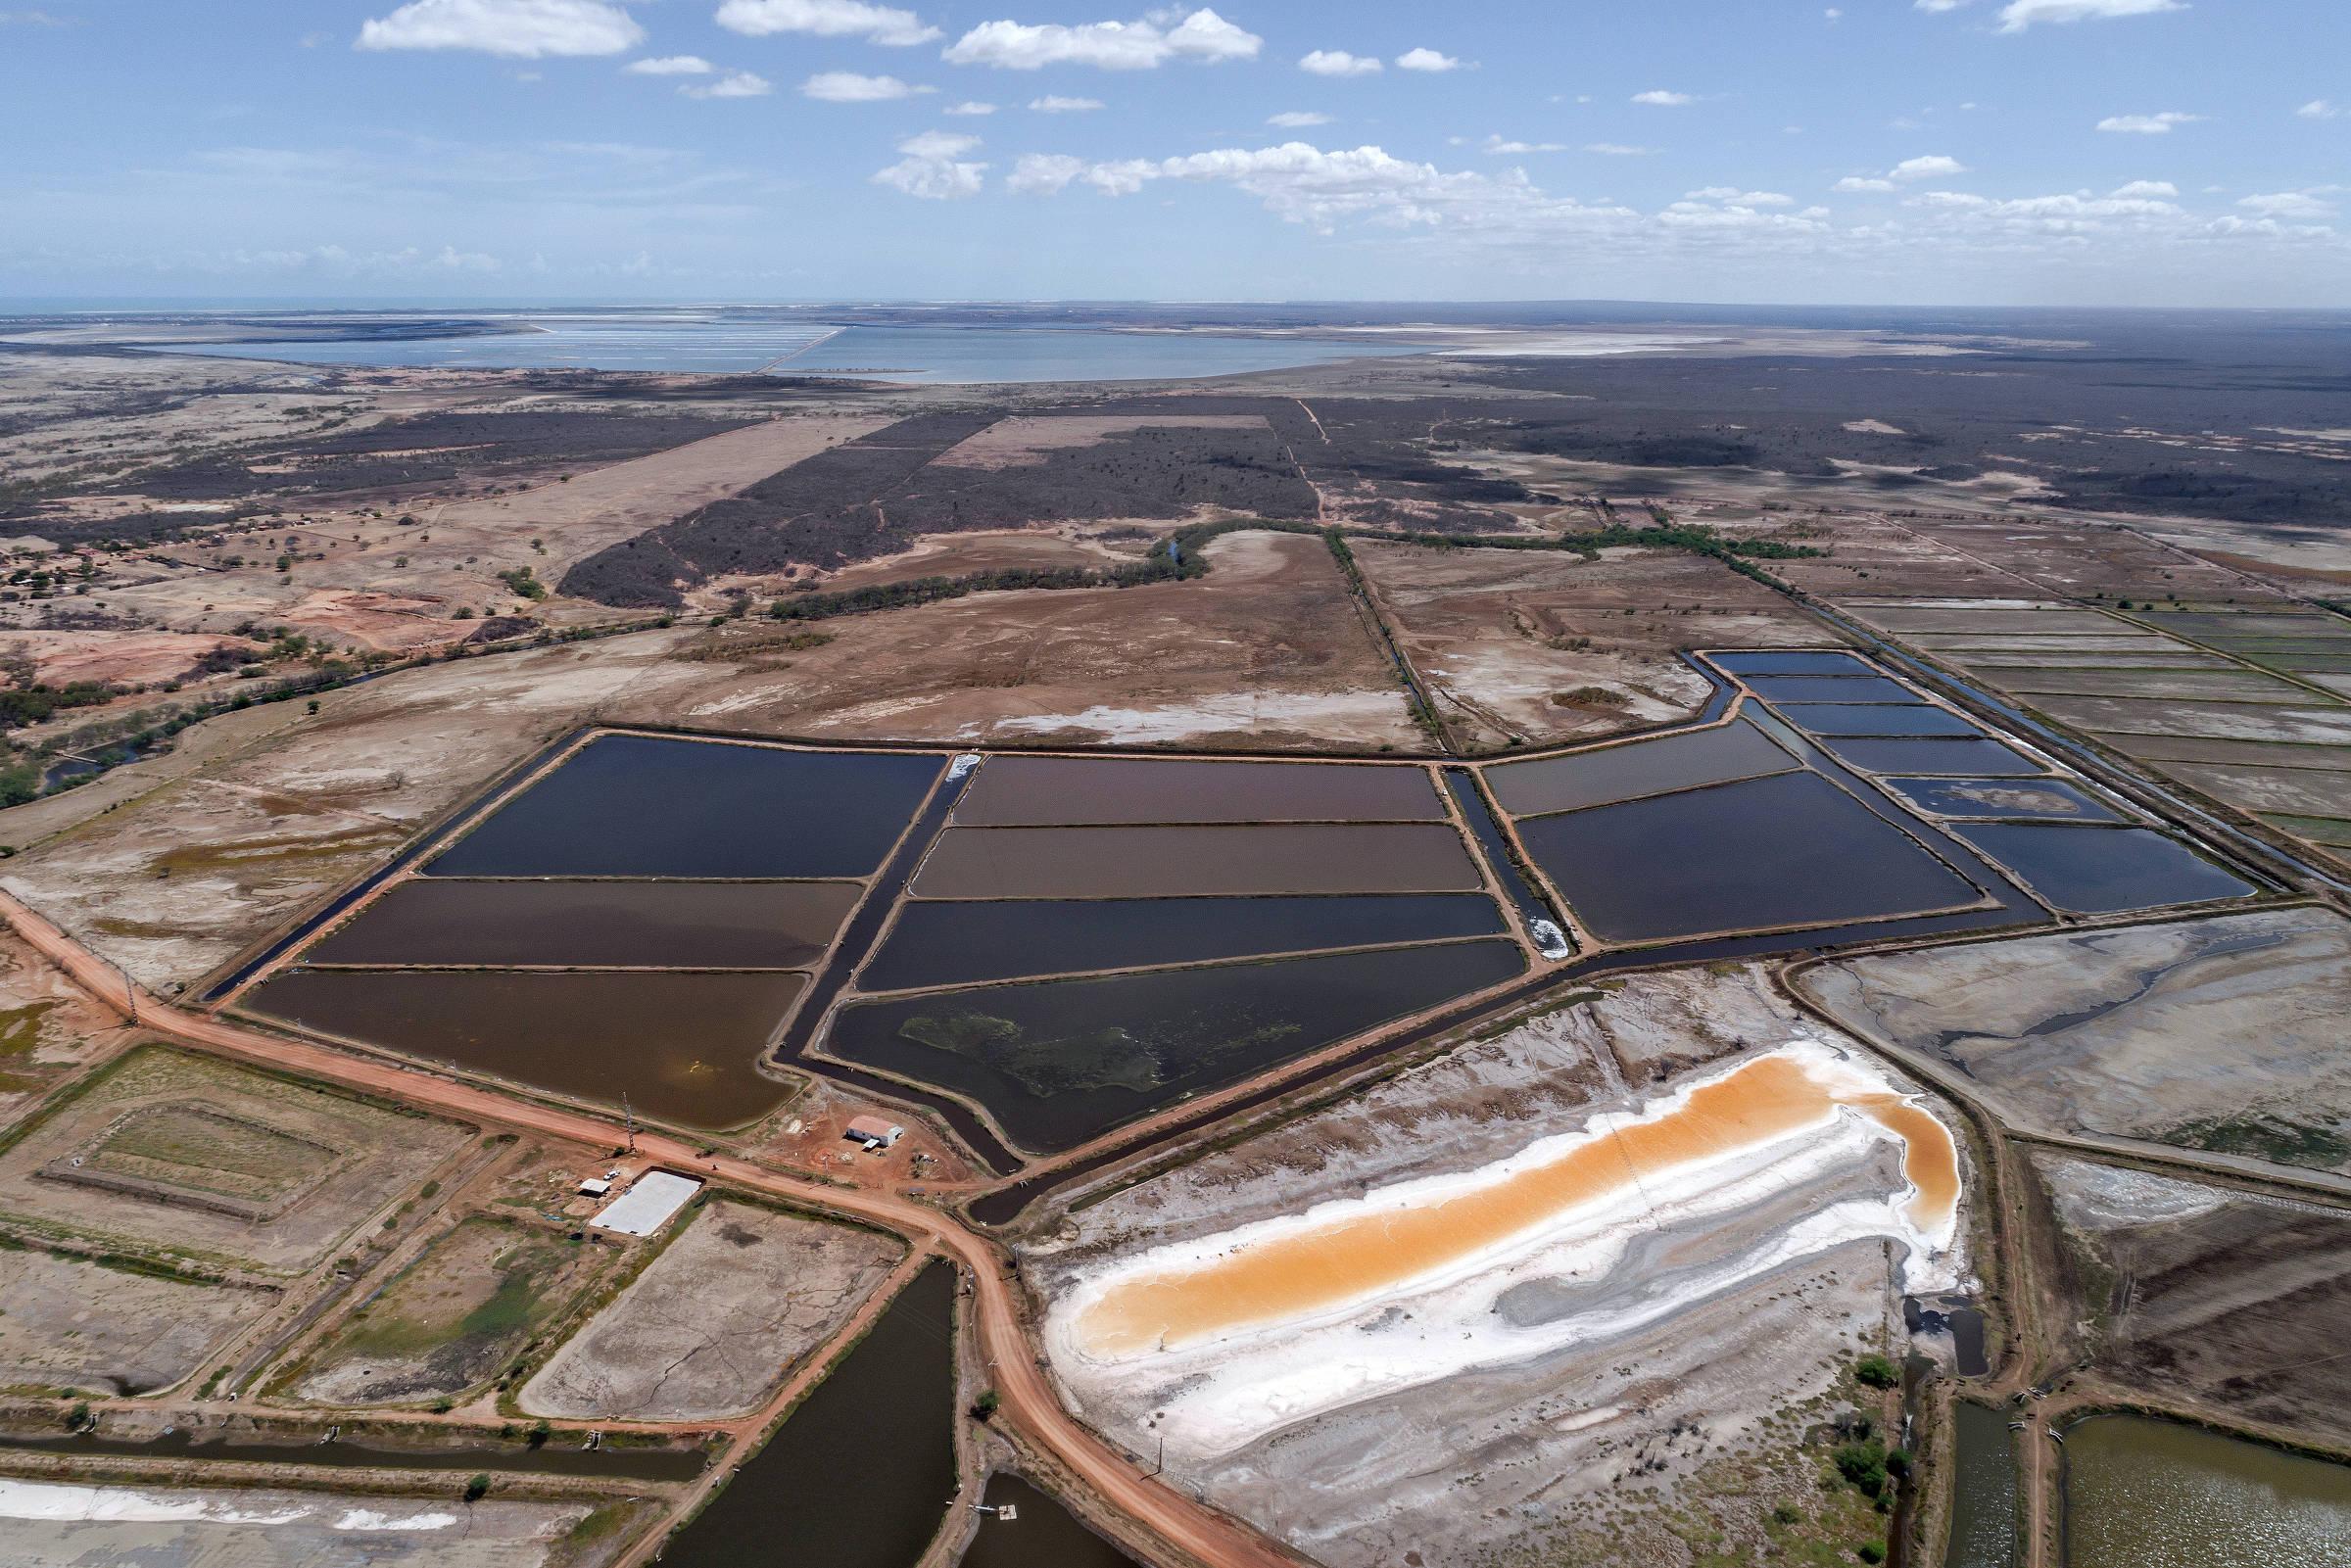 Cenários desérticos na rodovia RN-118, no Rio Grande do Norte; abaixo, criação de camarão afetada pela seca na região da foz do rio Piranhas